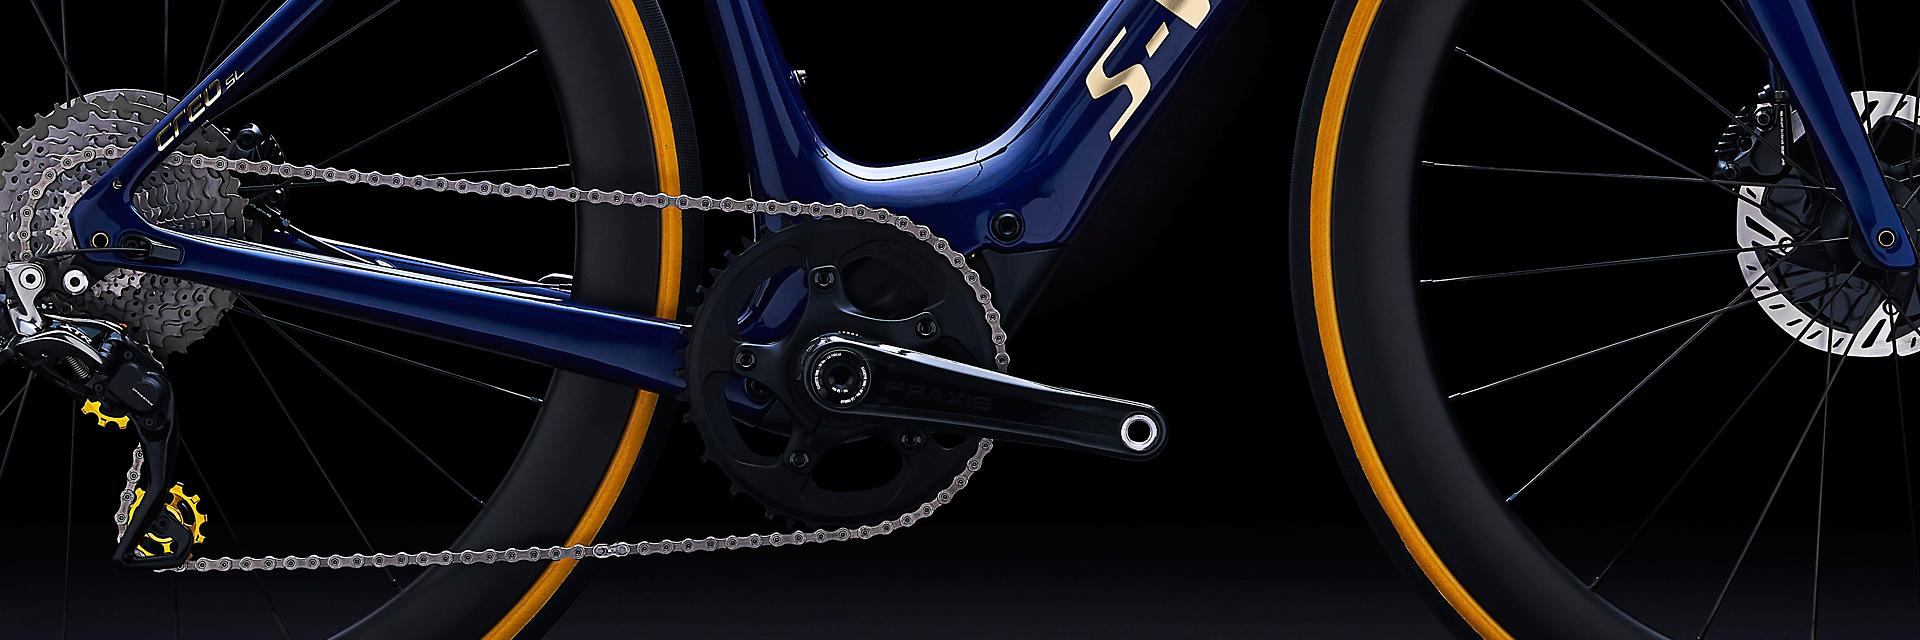 Turbo Creo SL : 195 km d'autonomie et à peine 12 kilos pour ce vélo de course électrique